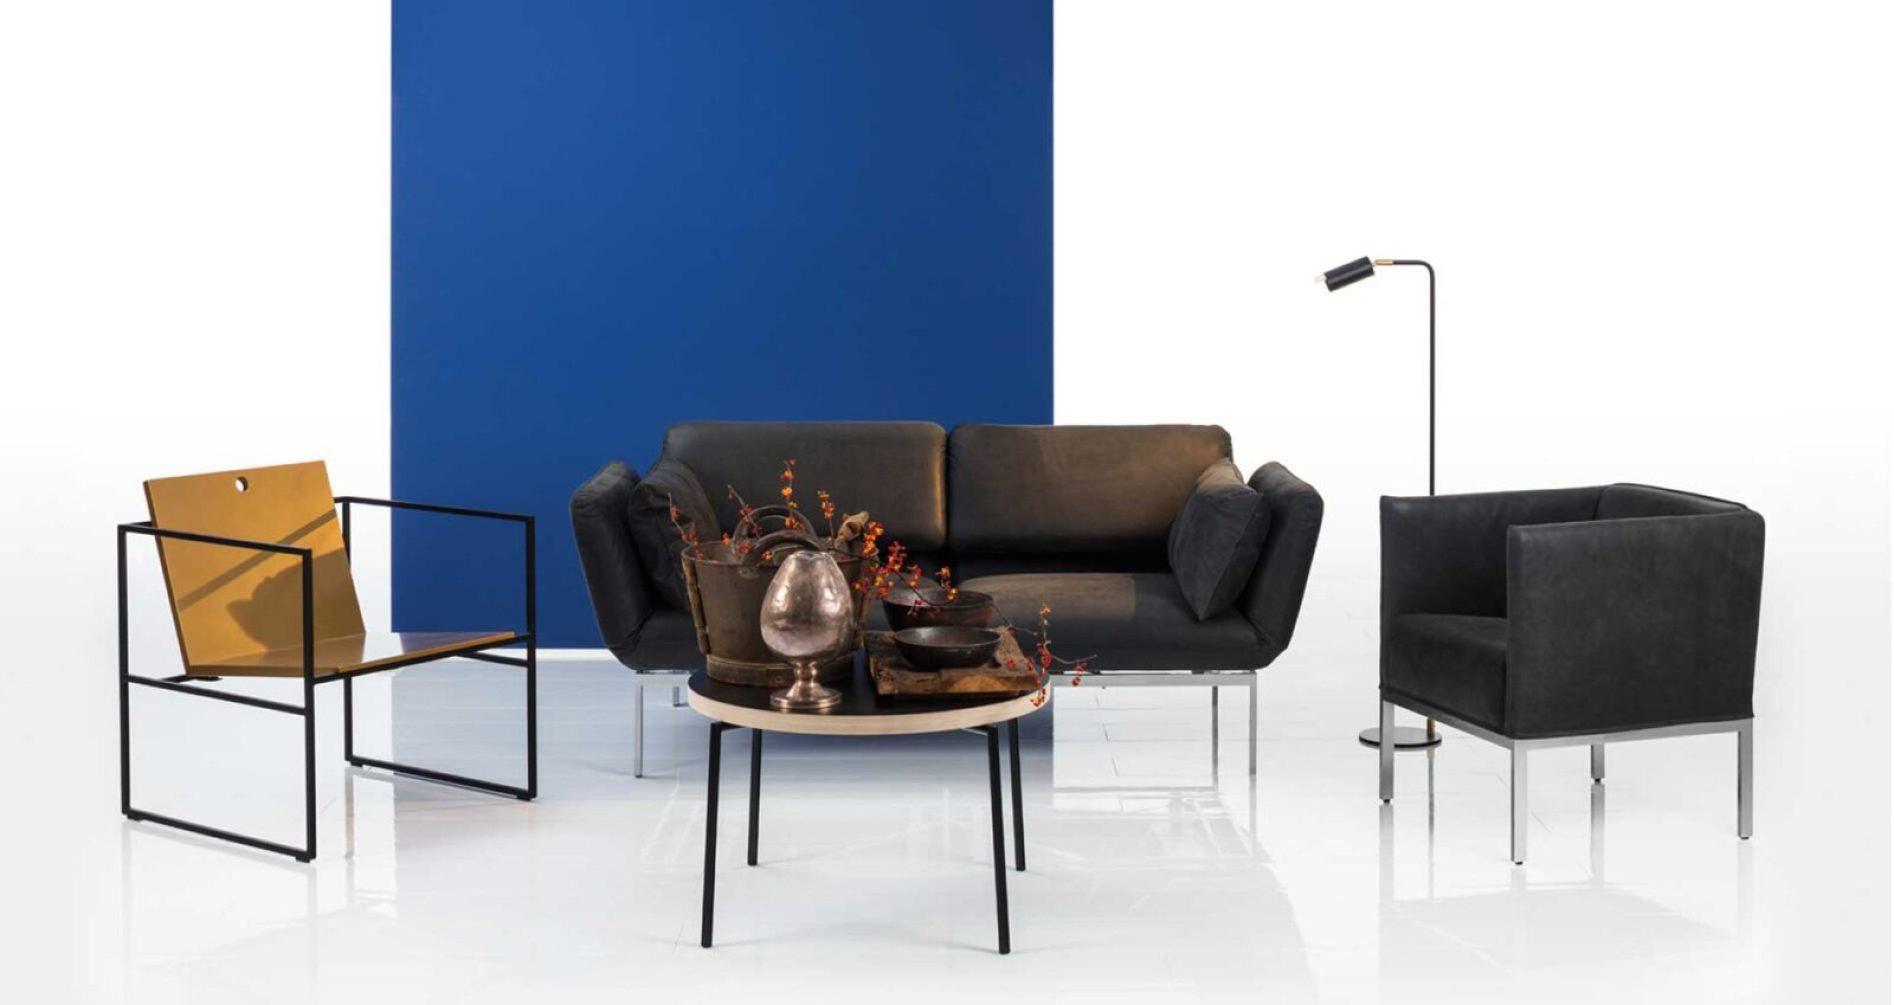 Das Design Sofa roro von Brühl. Das vielseitige Modell lässt Sie Größe, Stoff, Leder und mehr bestimmen. Vieles ist möglich: Wohnlandschaft, Sofa, Ecksofa, Sessel oder Hocker. Das Funktionssofa roro können Sie für jeden Raum einsetzen: Wohnzimmer, Büro und mehr. Hier zu sehen, das Relaxsofa roro medium ist in schwarzem Leder, sowie auch der Sessel Randolph.